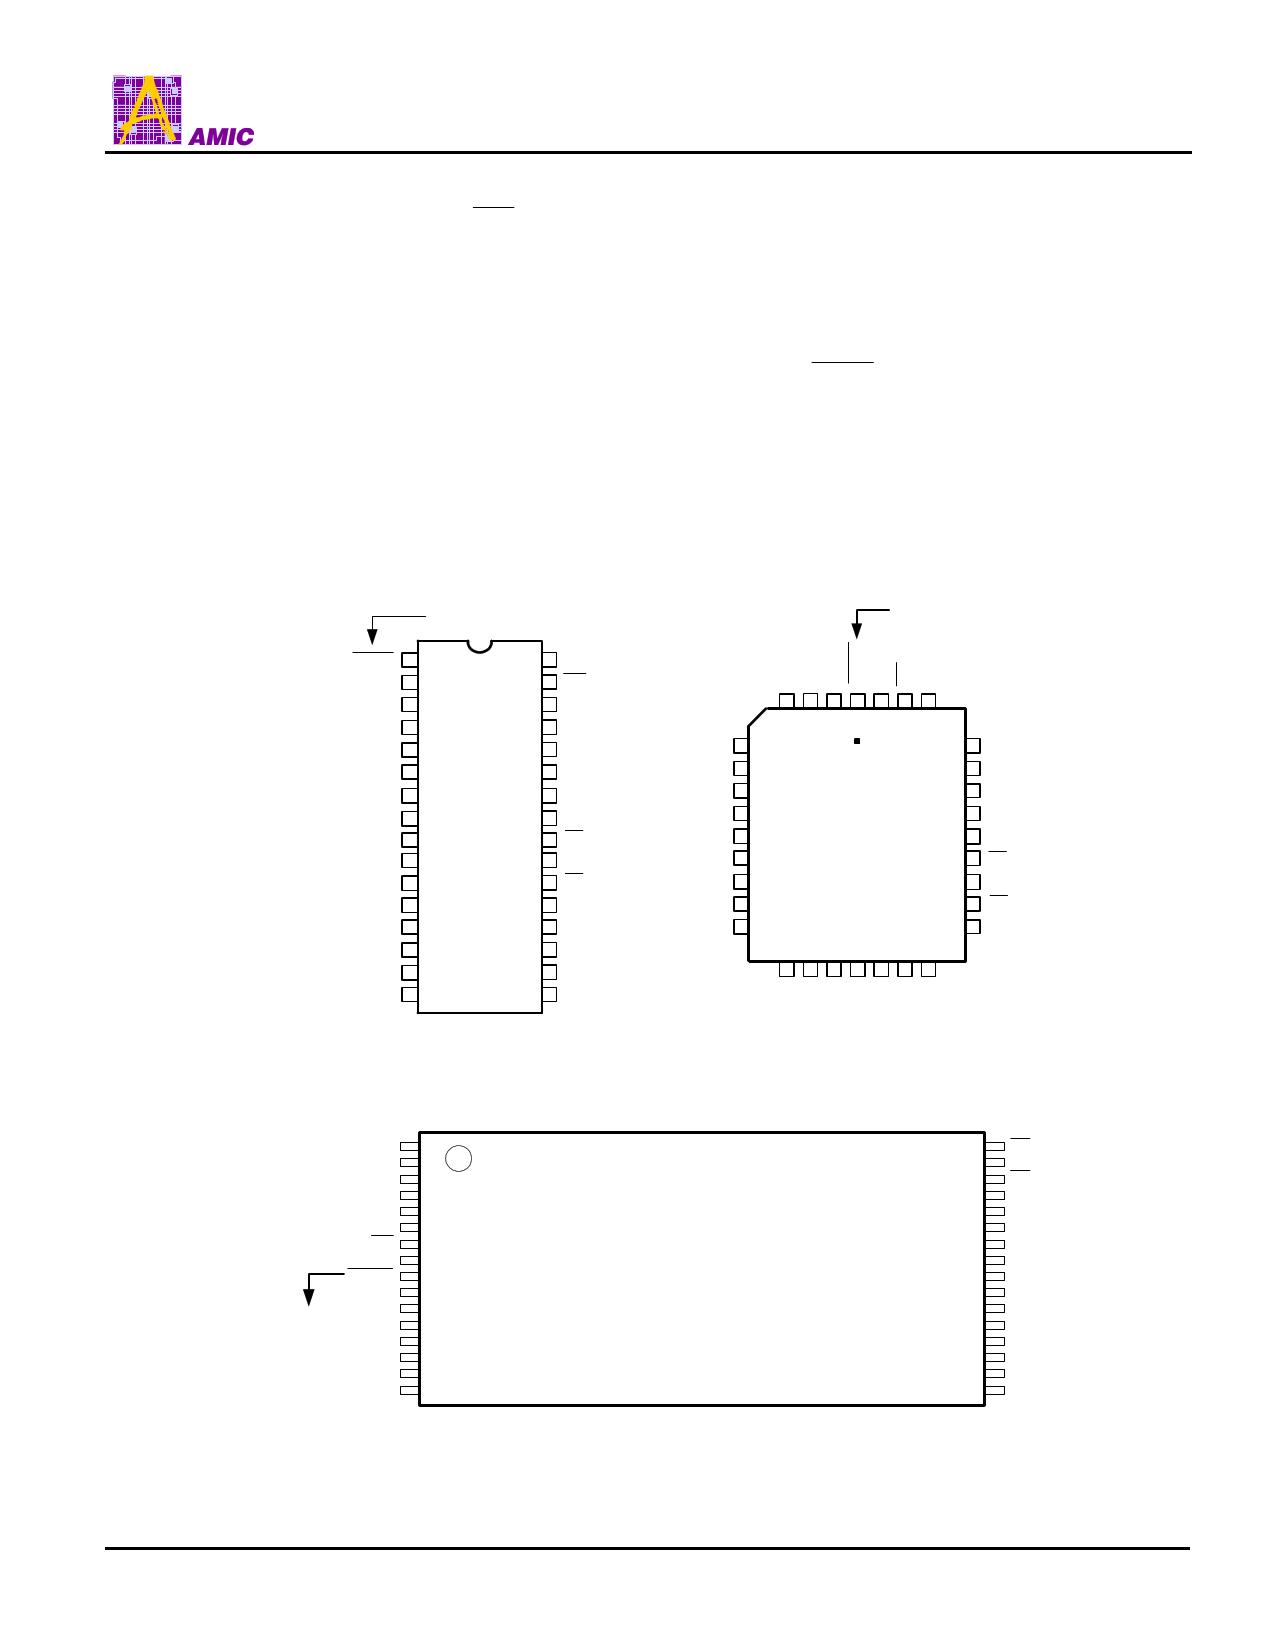 A29001T-90 pdf, schematic